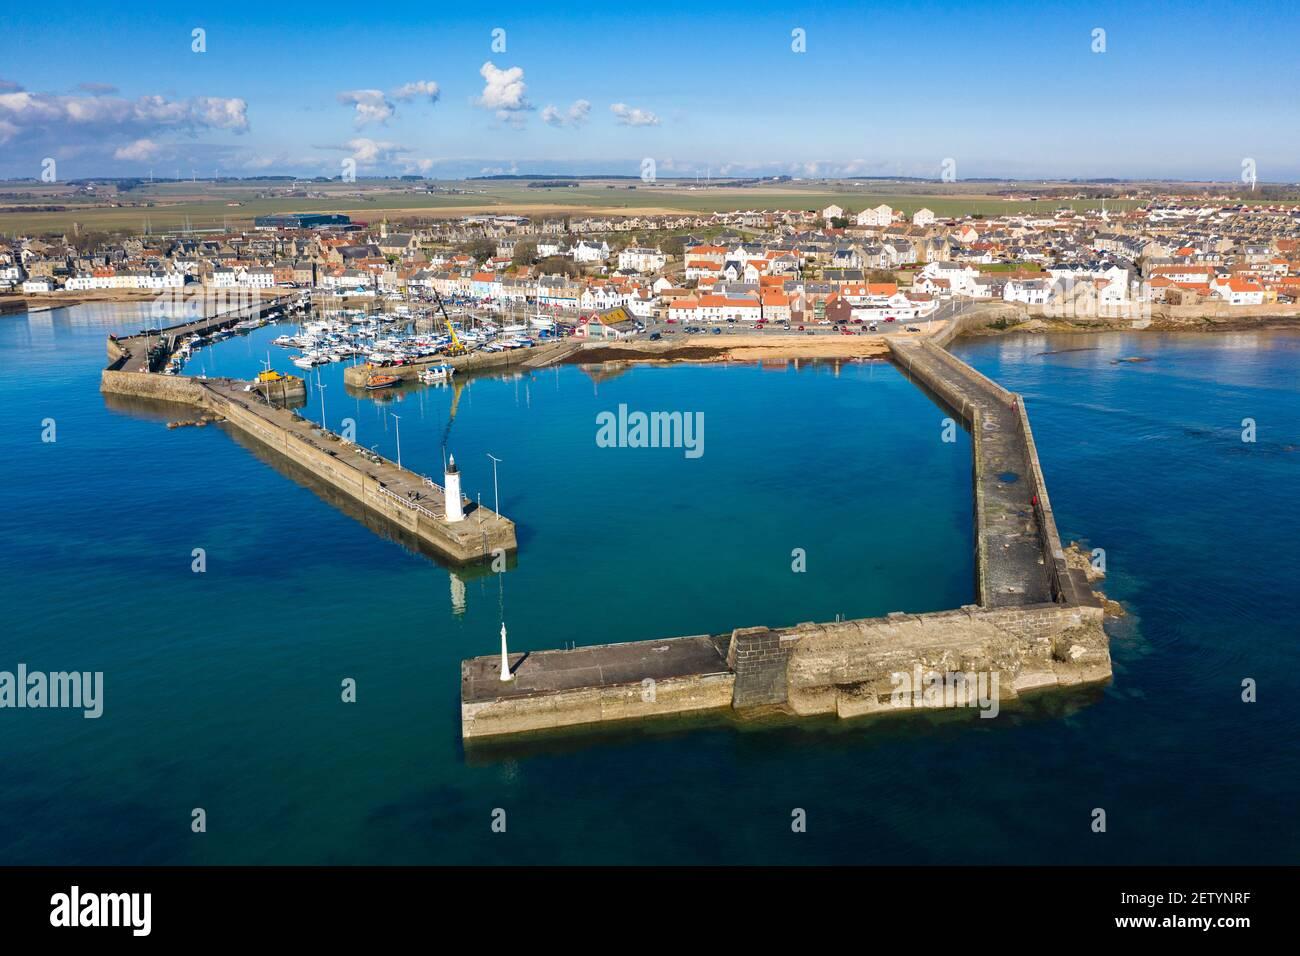 Vista aérea desde el puerto de la aldea de pescadores Anstruther en East Neuk de Fife, Escocia, Reino Unido Foto de stock